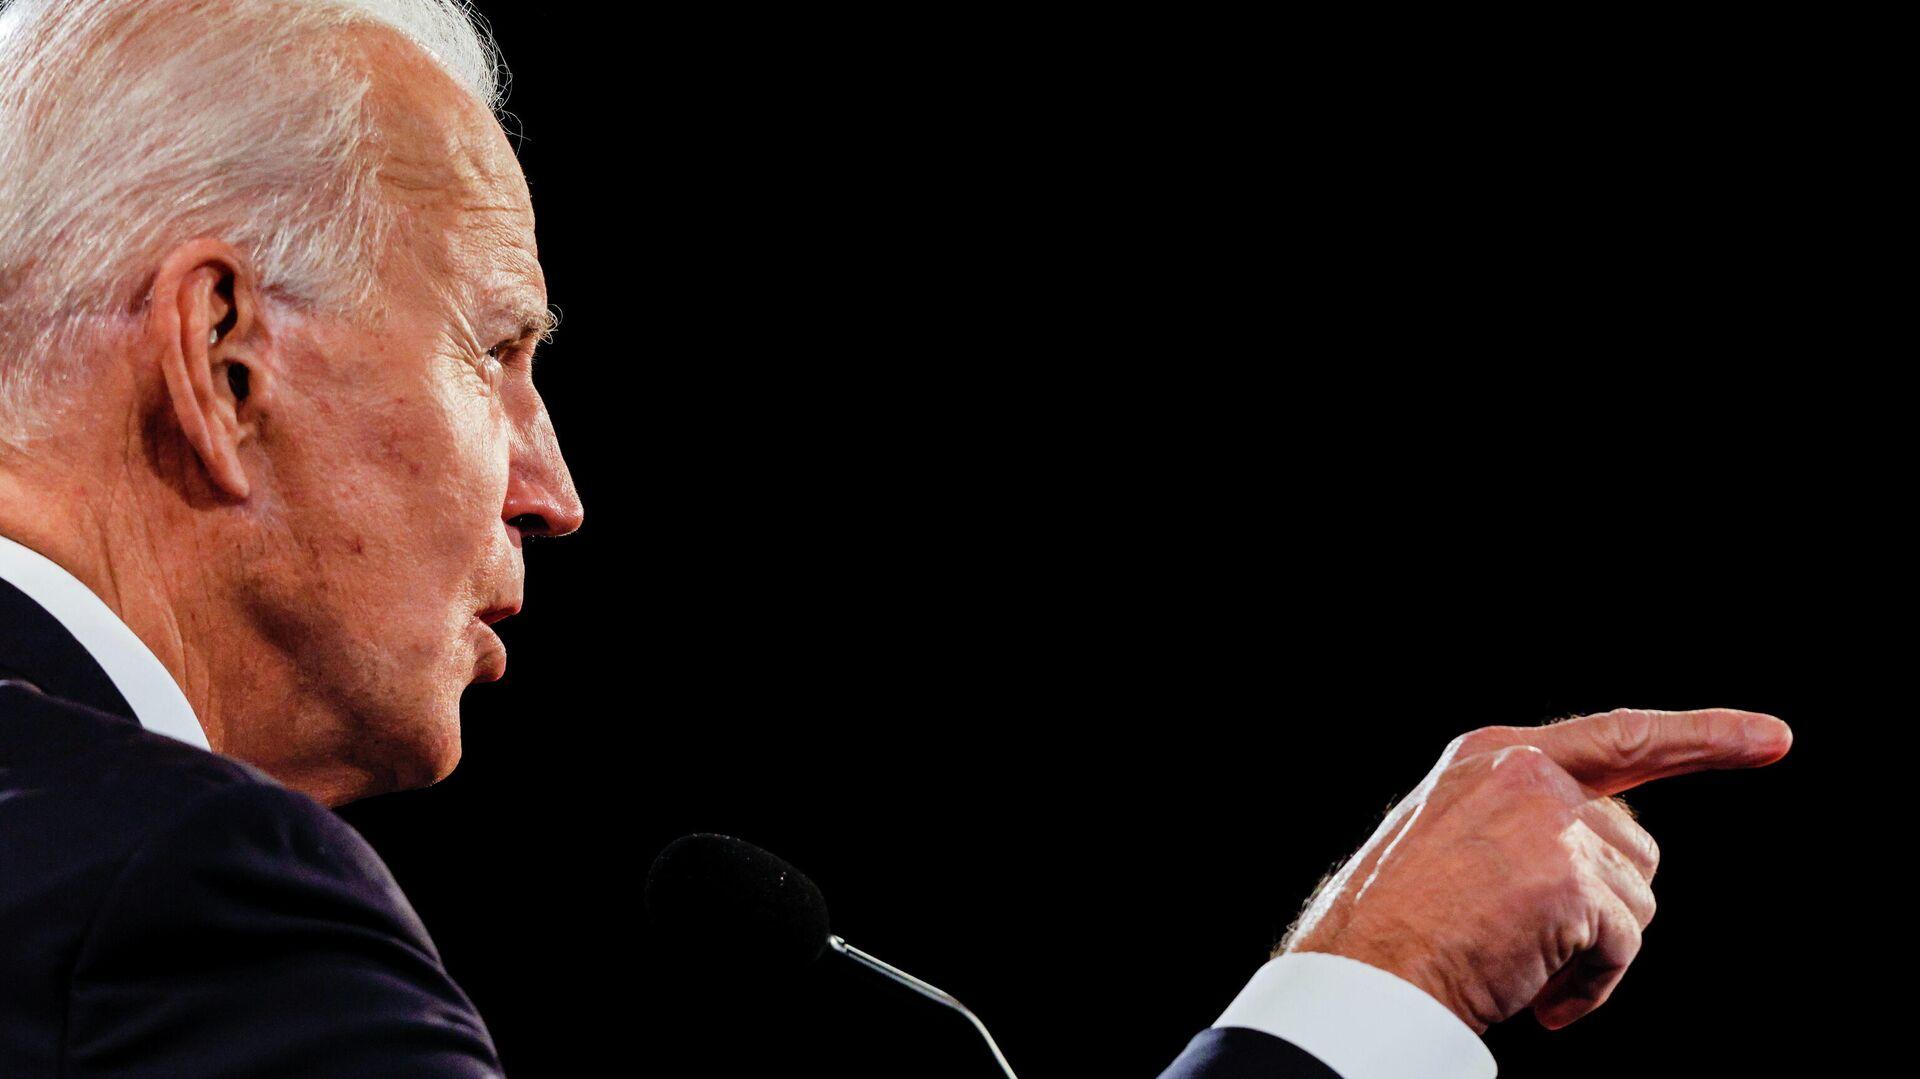 Кандидат в президенты США от Демократической партии Джо Байден во время финальных дебатов с президентом США Дональдом Трапом в Нэшвилле - РИА Новости, 1920, 26.10.2020